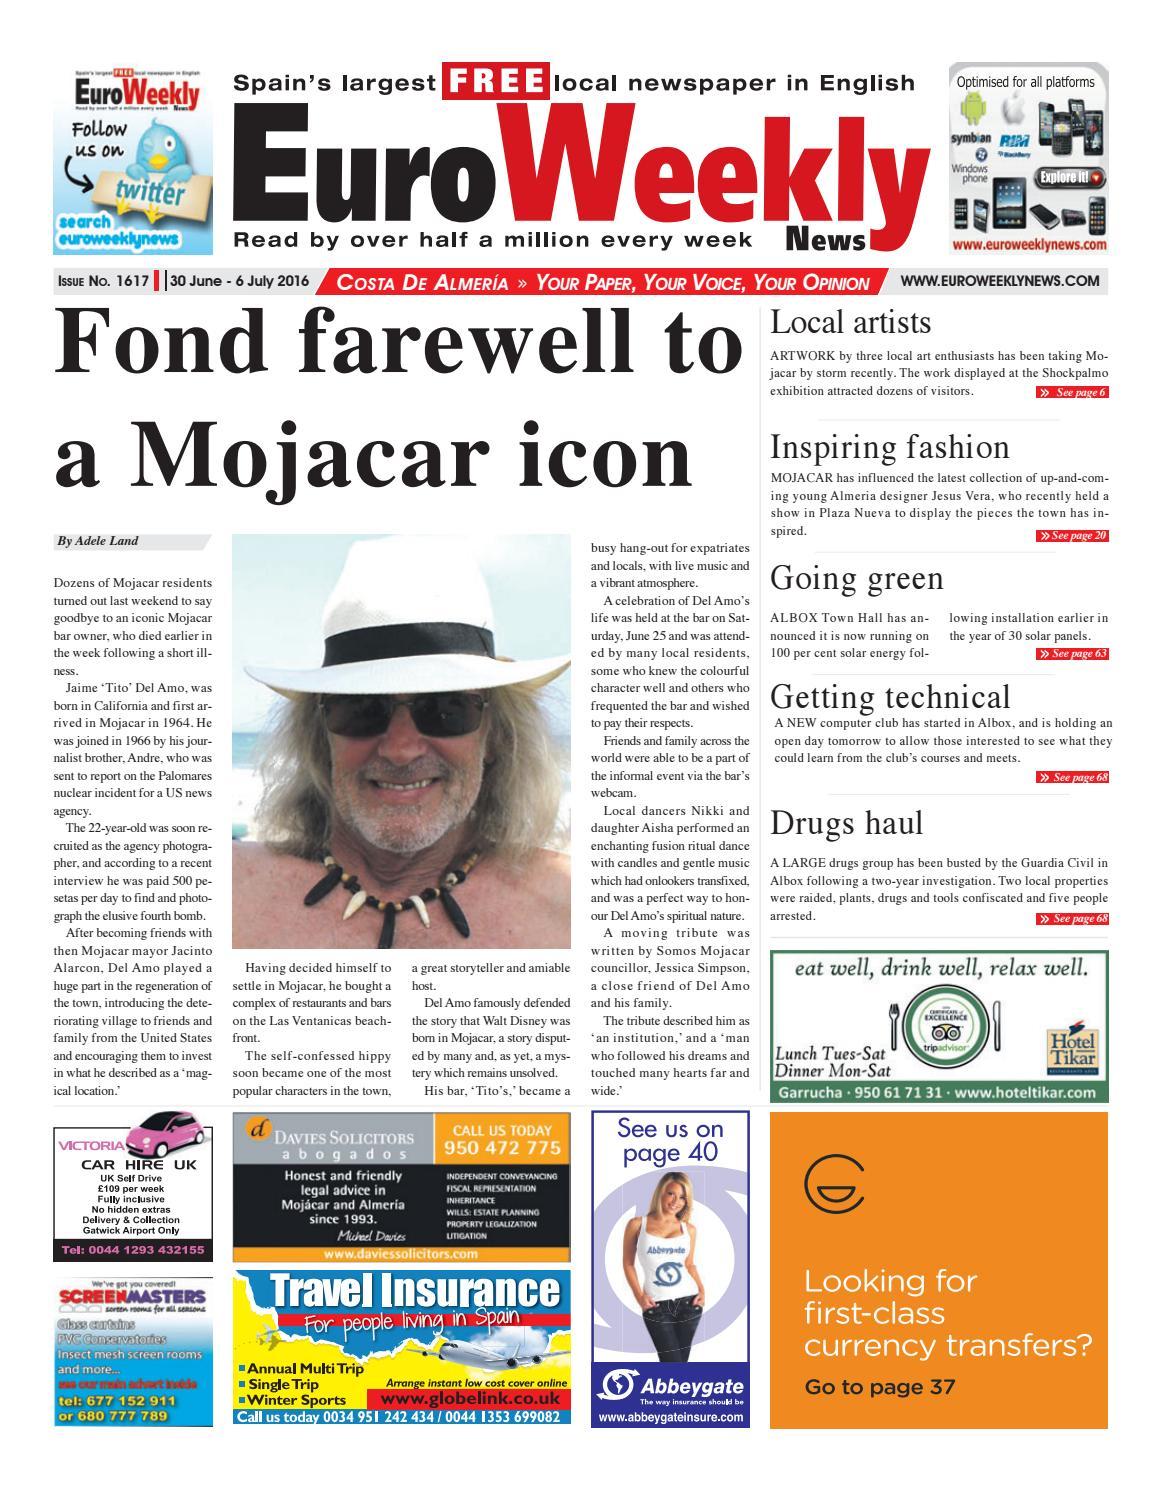 Euro Weekly News Costa De Almeria 30 June 6 July 2016 Issue  # Muebles Gayro Cadiz